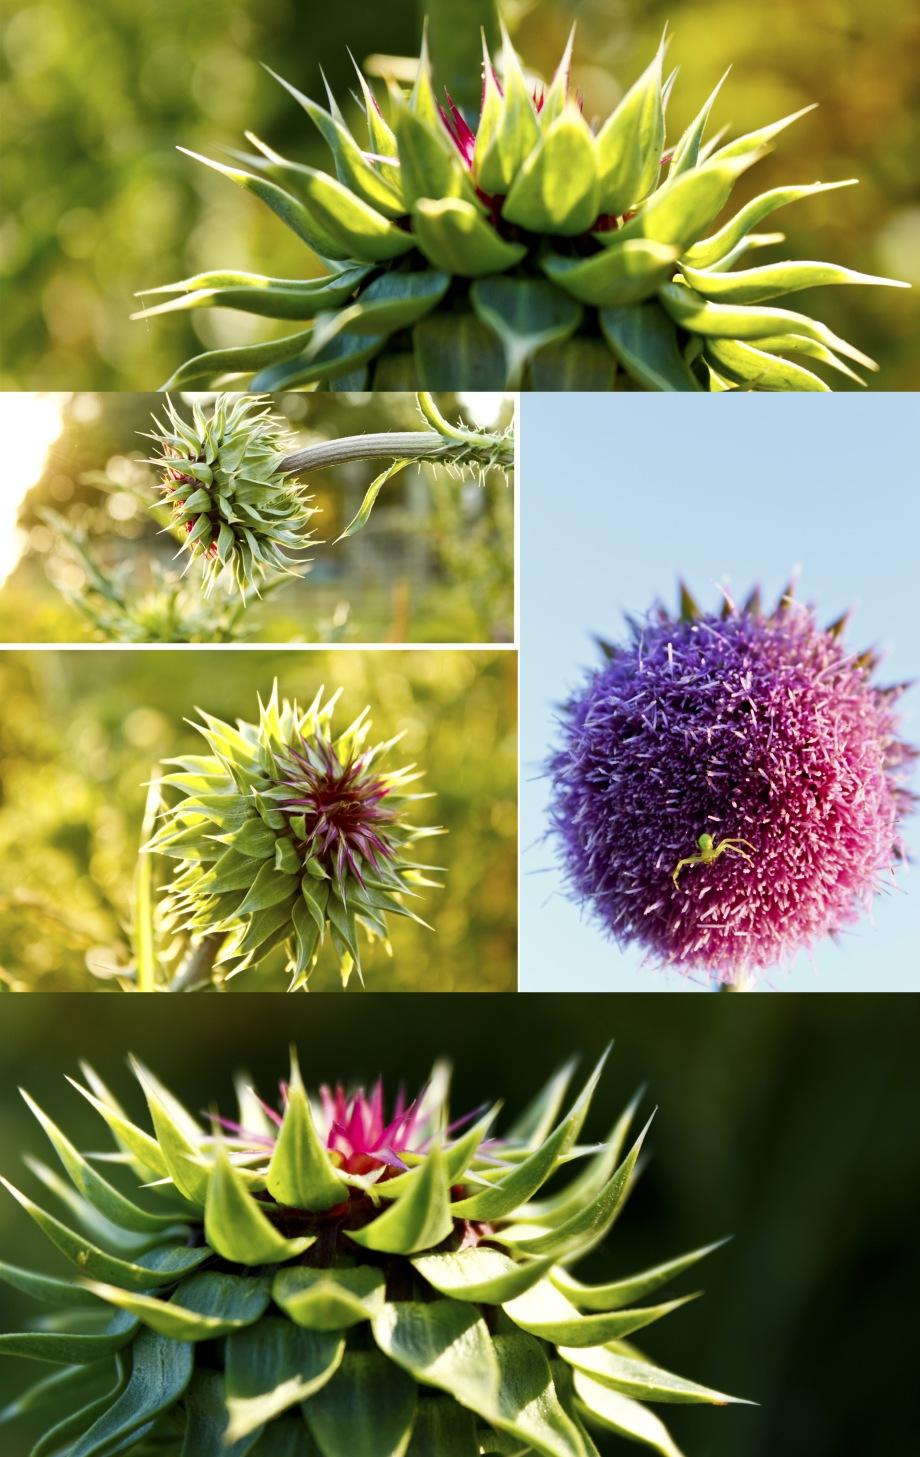 Flower_Still Life 2